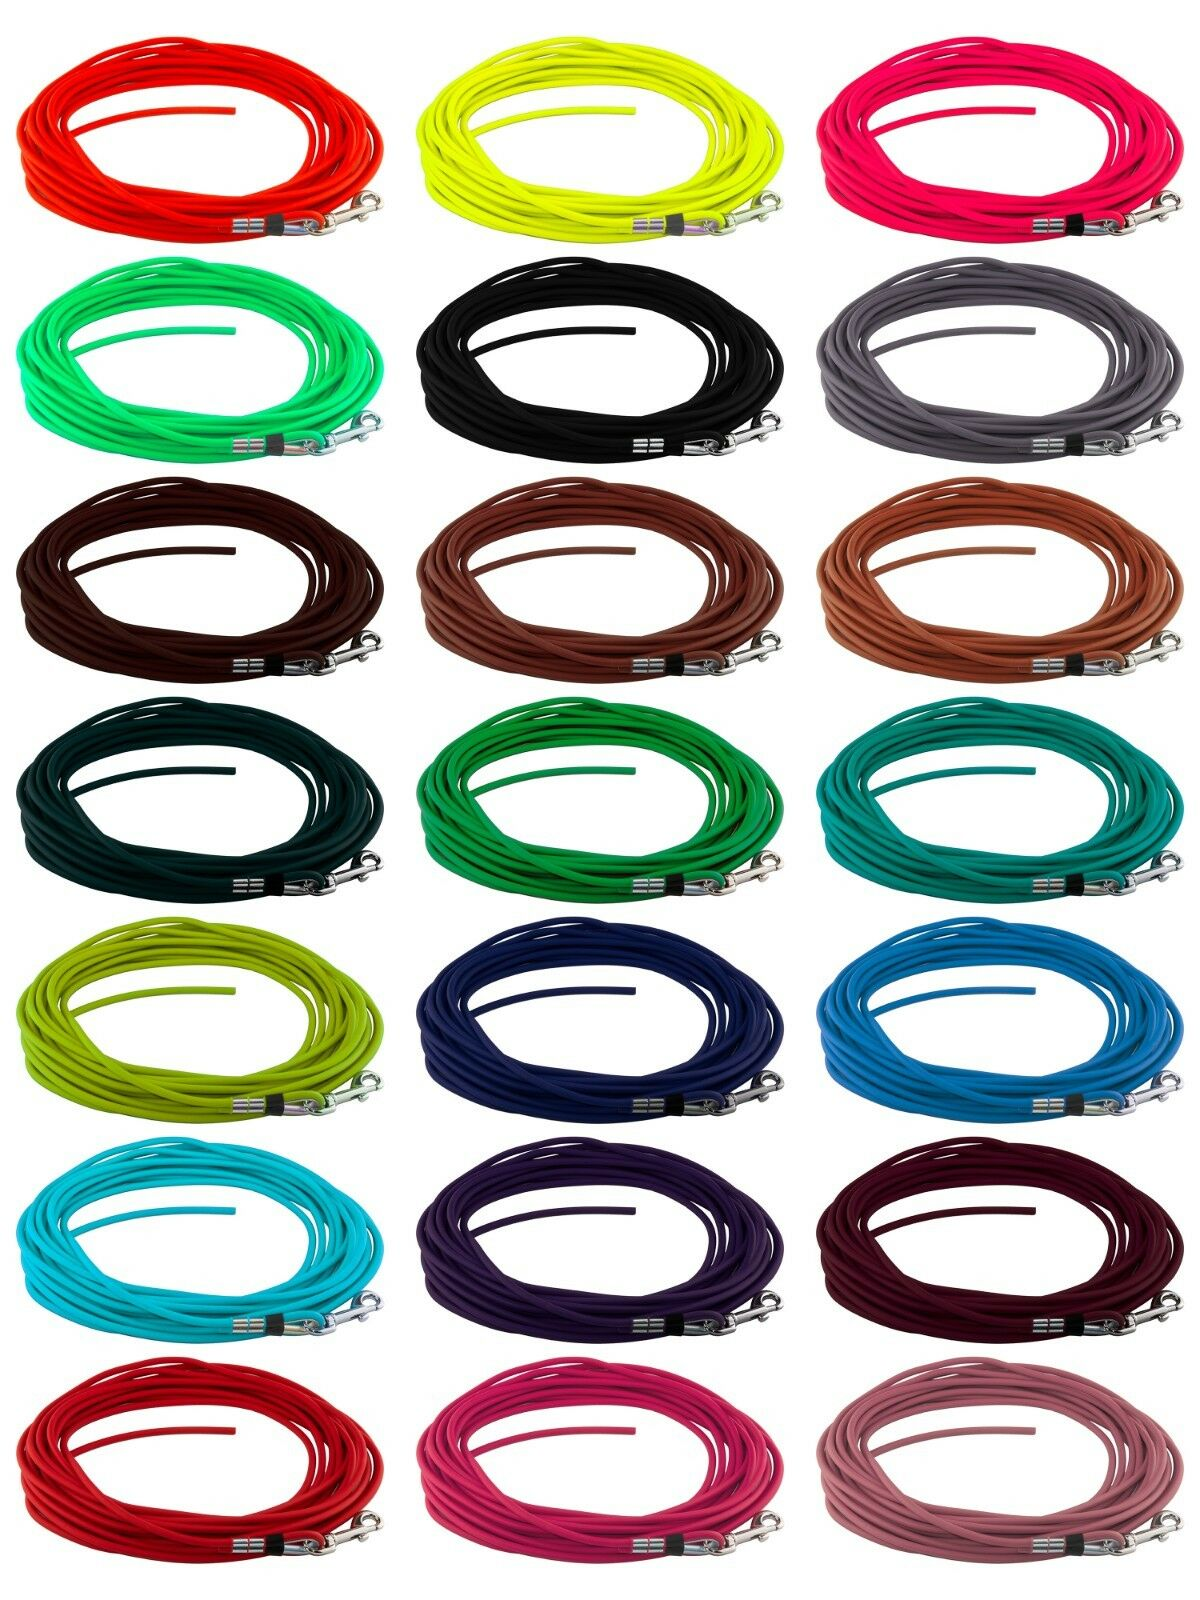 BioThane Schleppleine RUND 6mm,16 Farben,3-30m;Suchleine,Schwhiteleine,Hundeleine